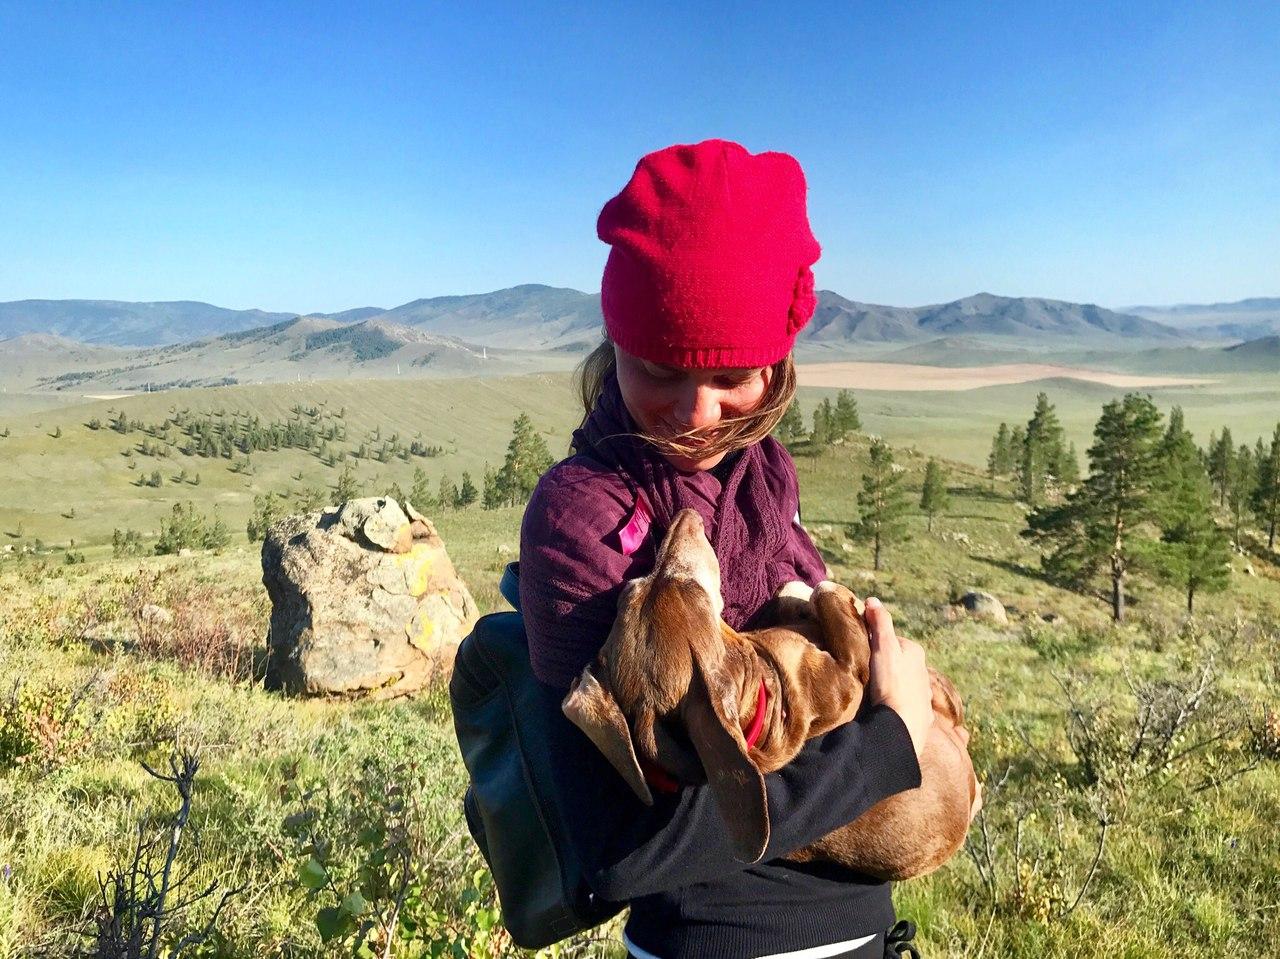 Человек и такса: Анна Смолина с любимой собакой проехала 6 тыс. километров на велосипеде